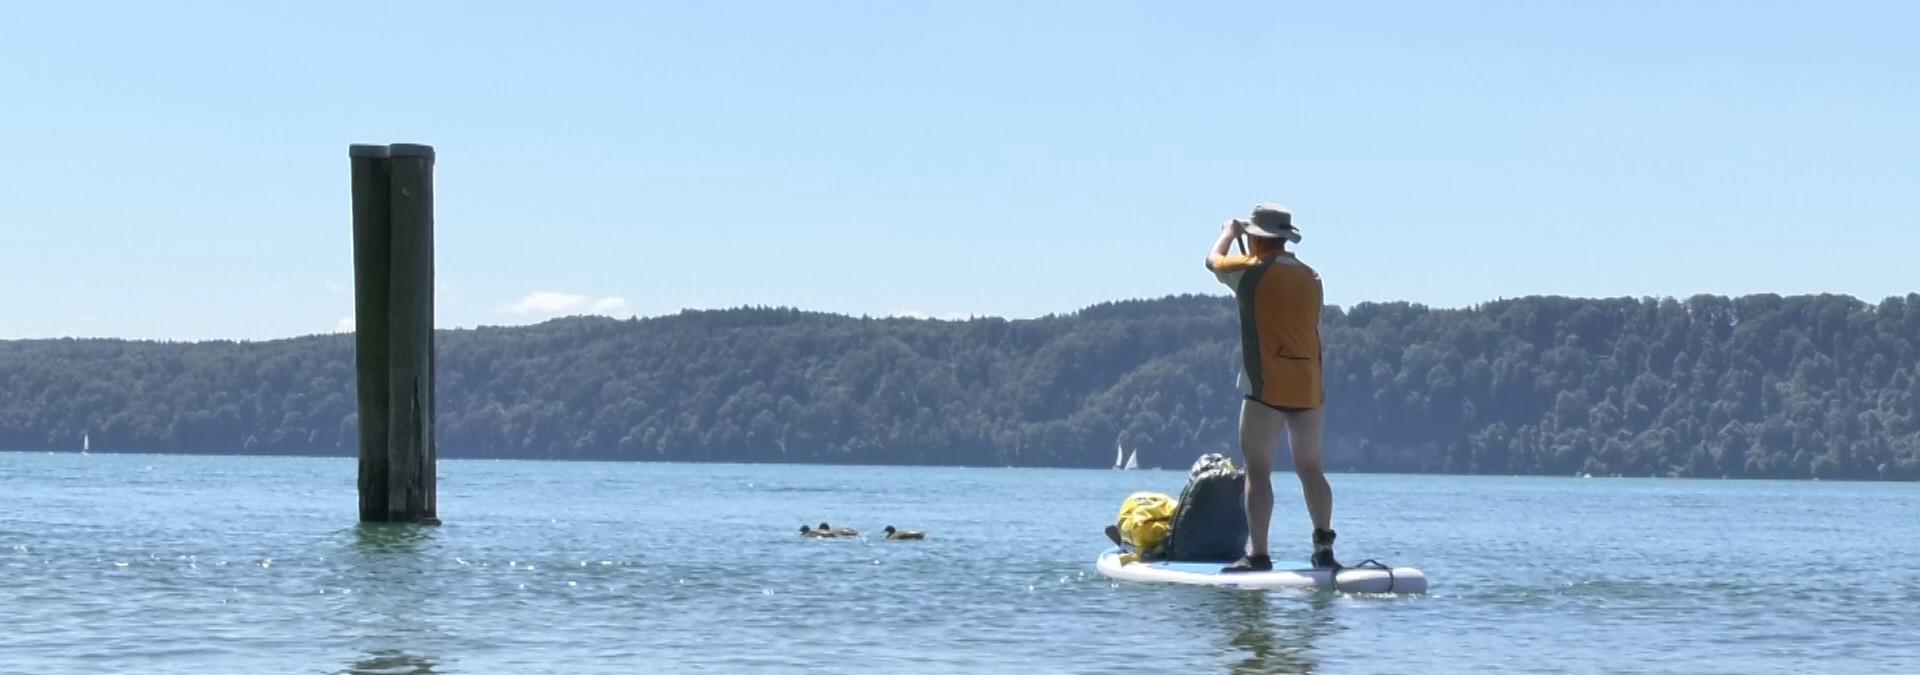 Ufersperrung am Bodensee - ja oder nein?